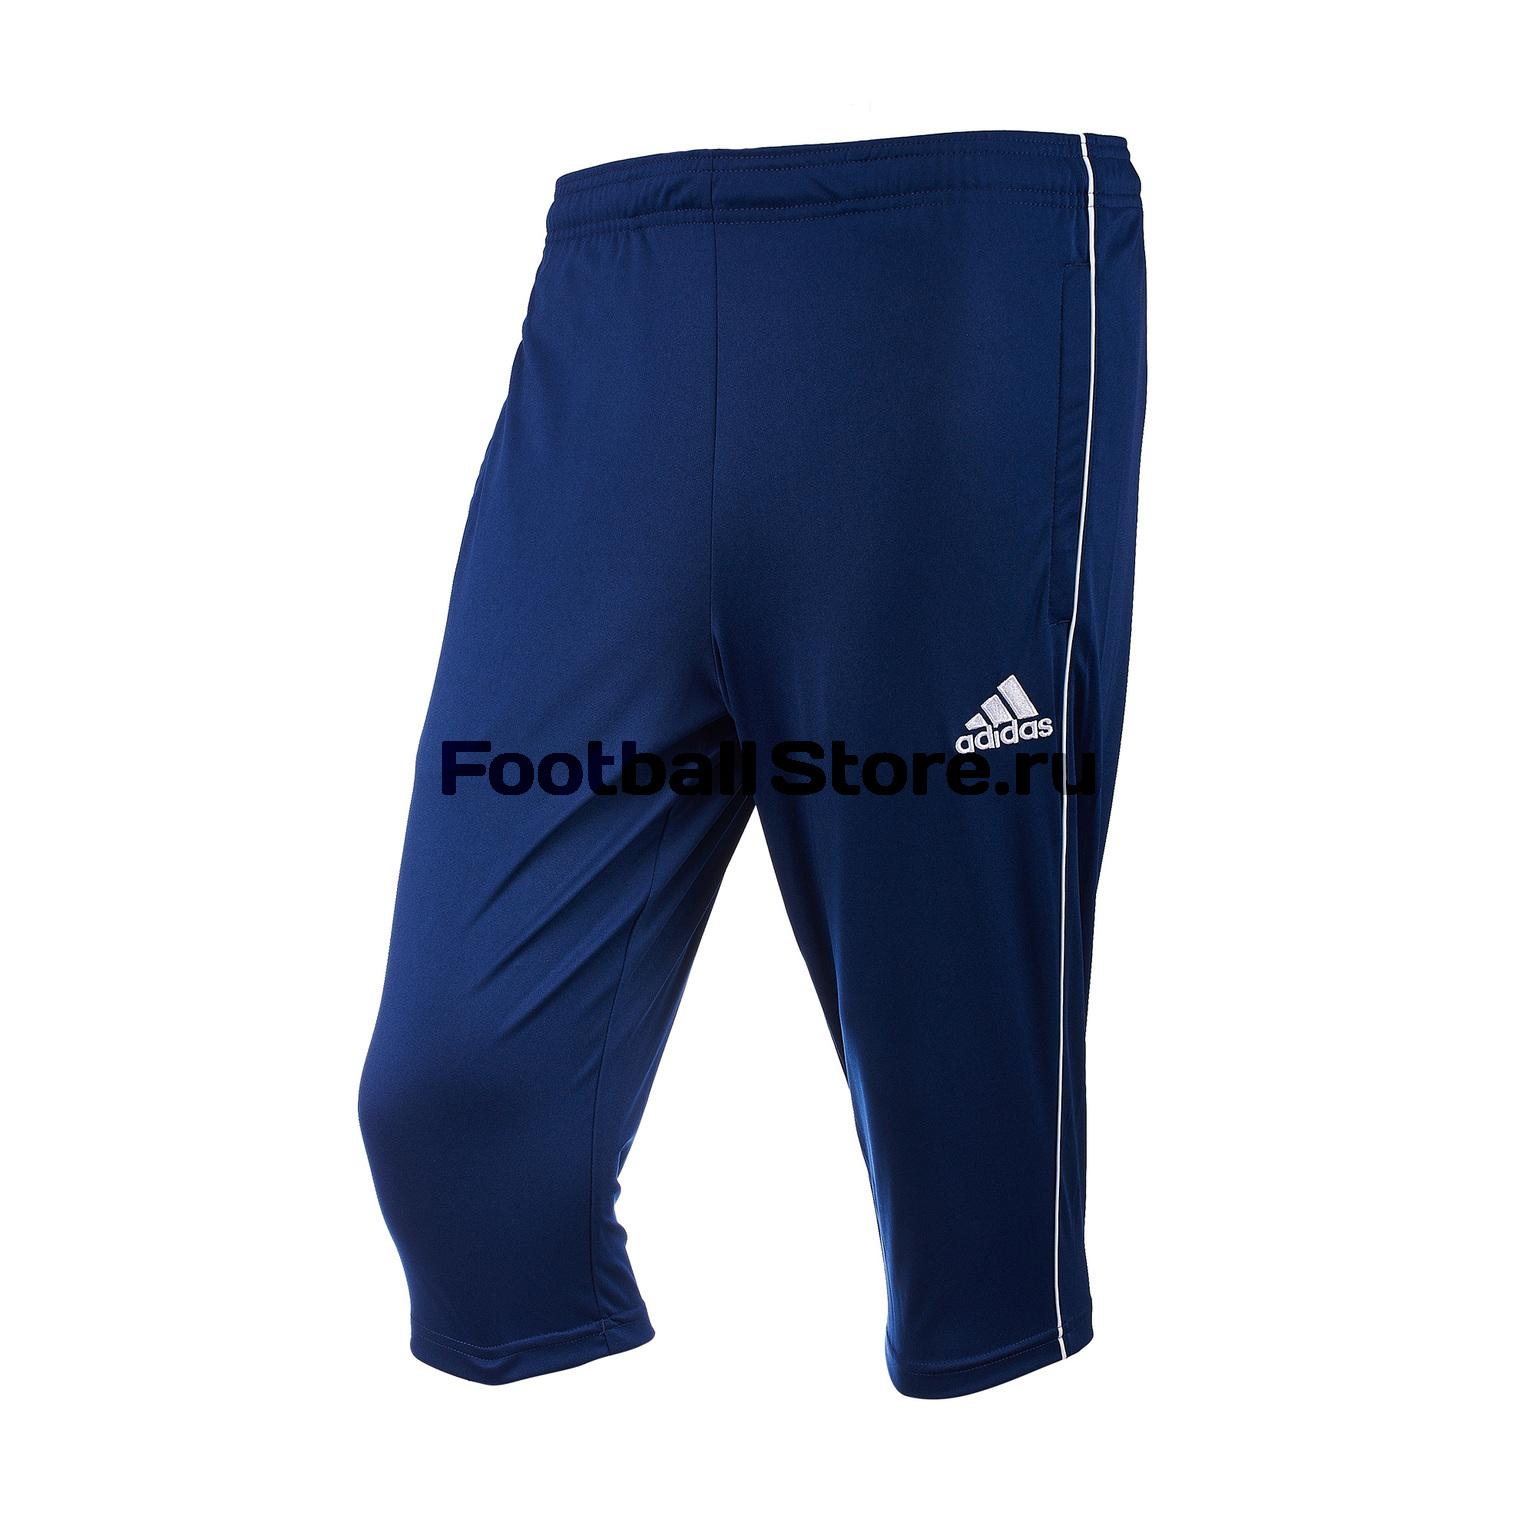 Брюки тренировочные Adidas Core18 3/4 Pnt CV3321 брюки adidas брюки тренировочные adidas tiro17 rn pnt ay2896